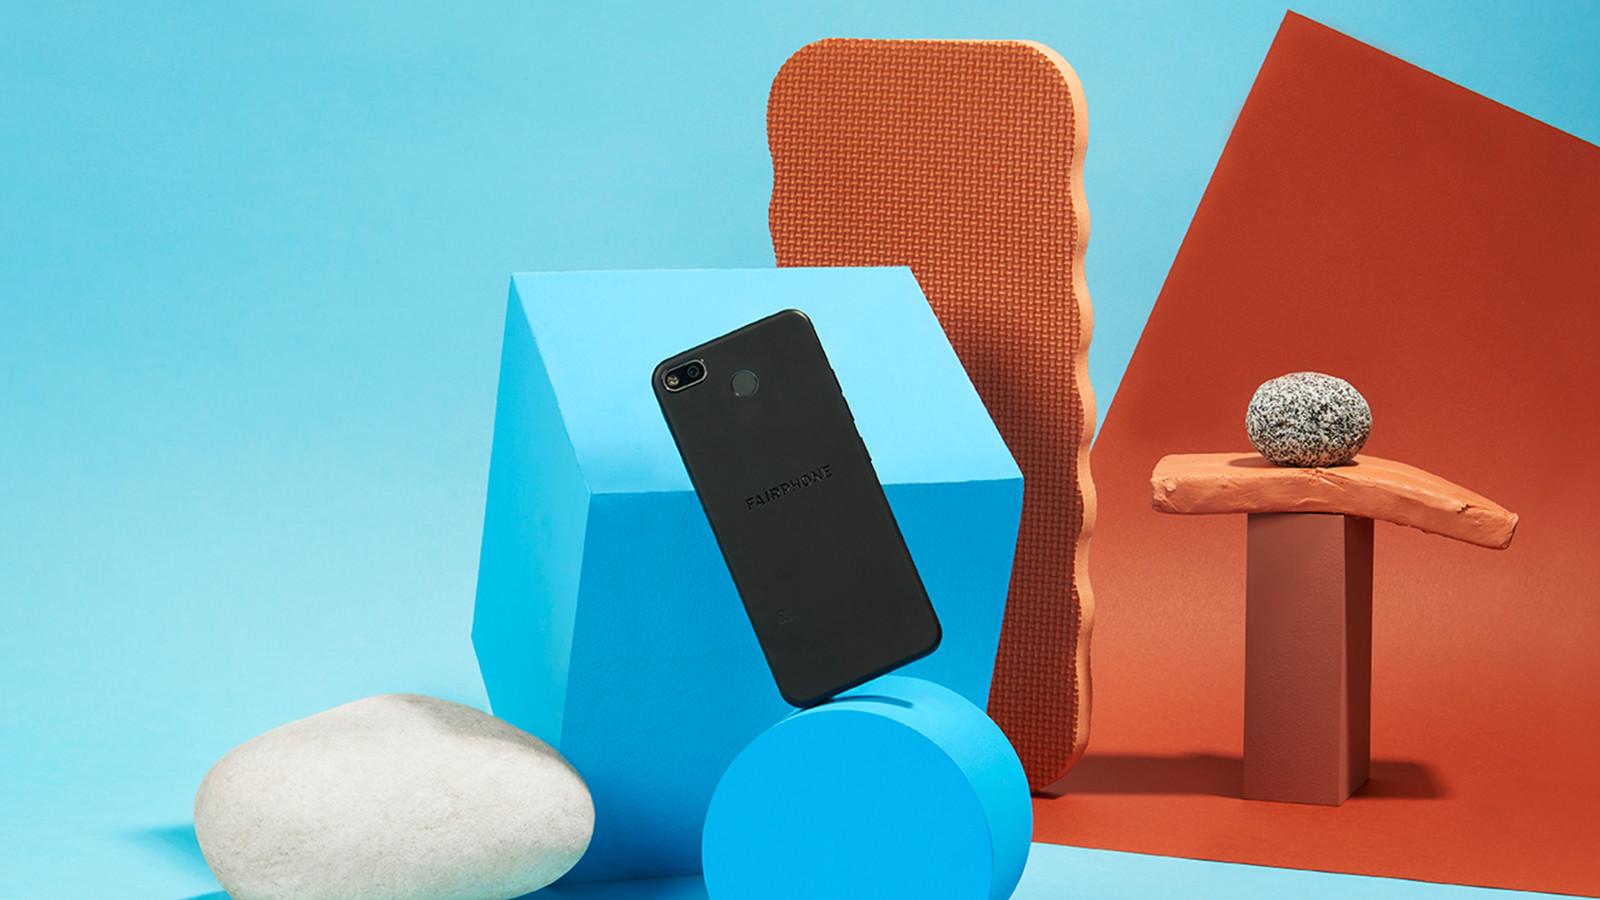 Das nachhaltigste Smartphone bekommt mit dem Fairphone 3+ ein Upgrade